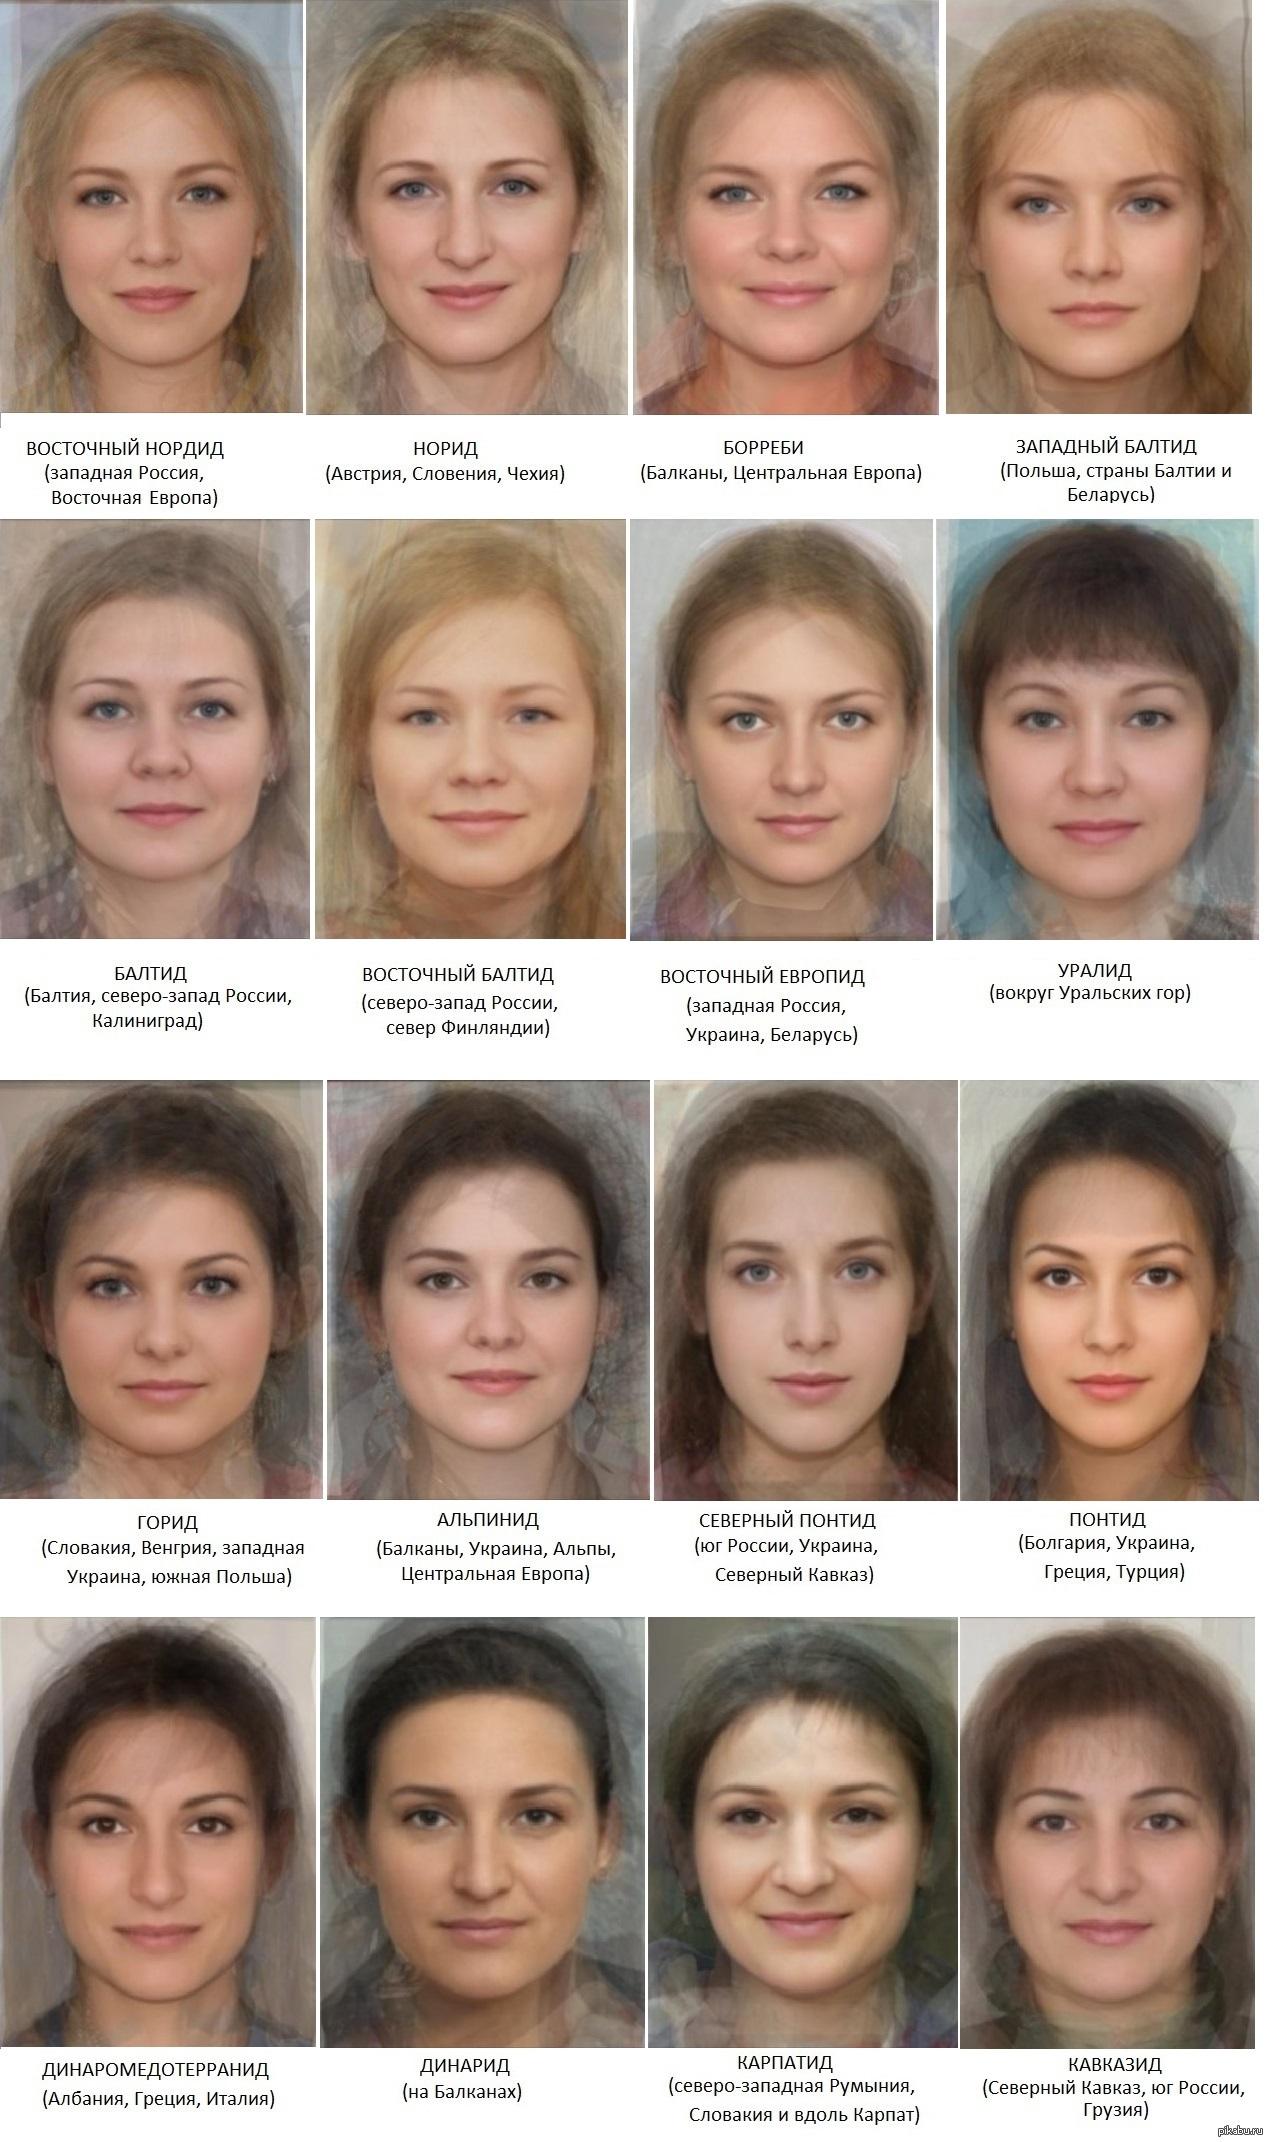 Типажи людей по внешности заработать моделью онлайн в сосногорск